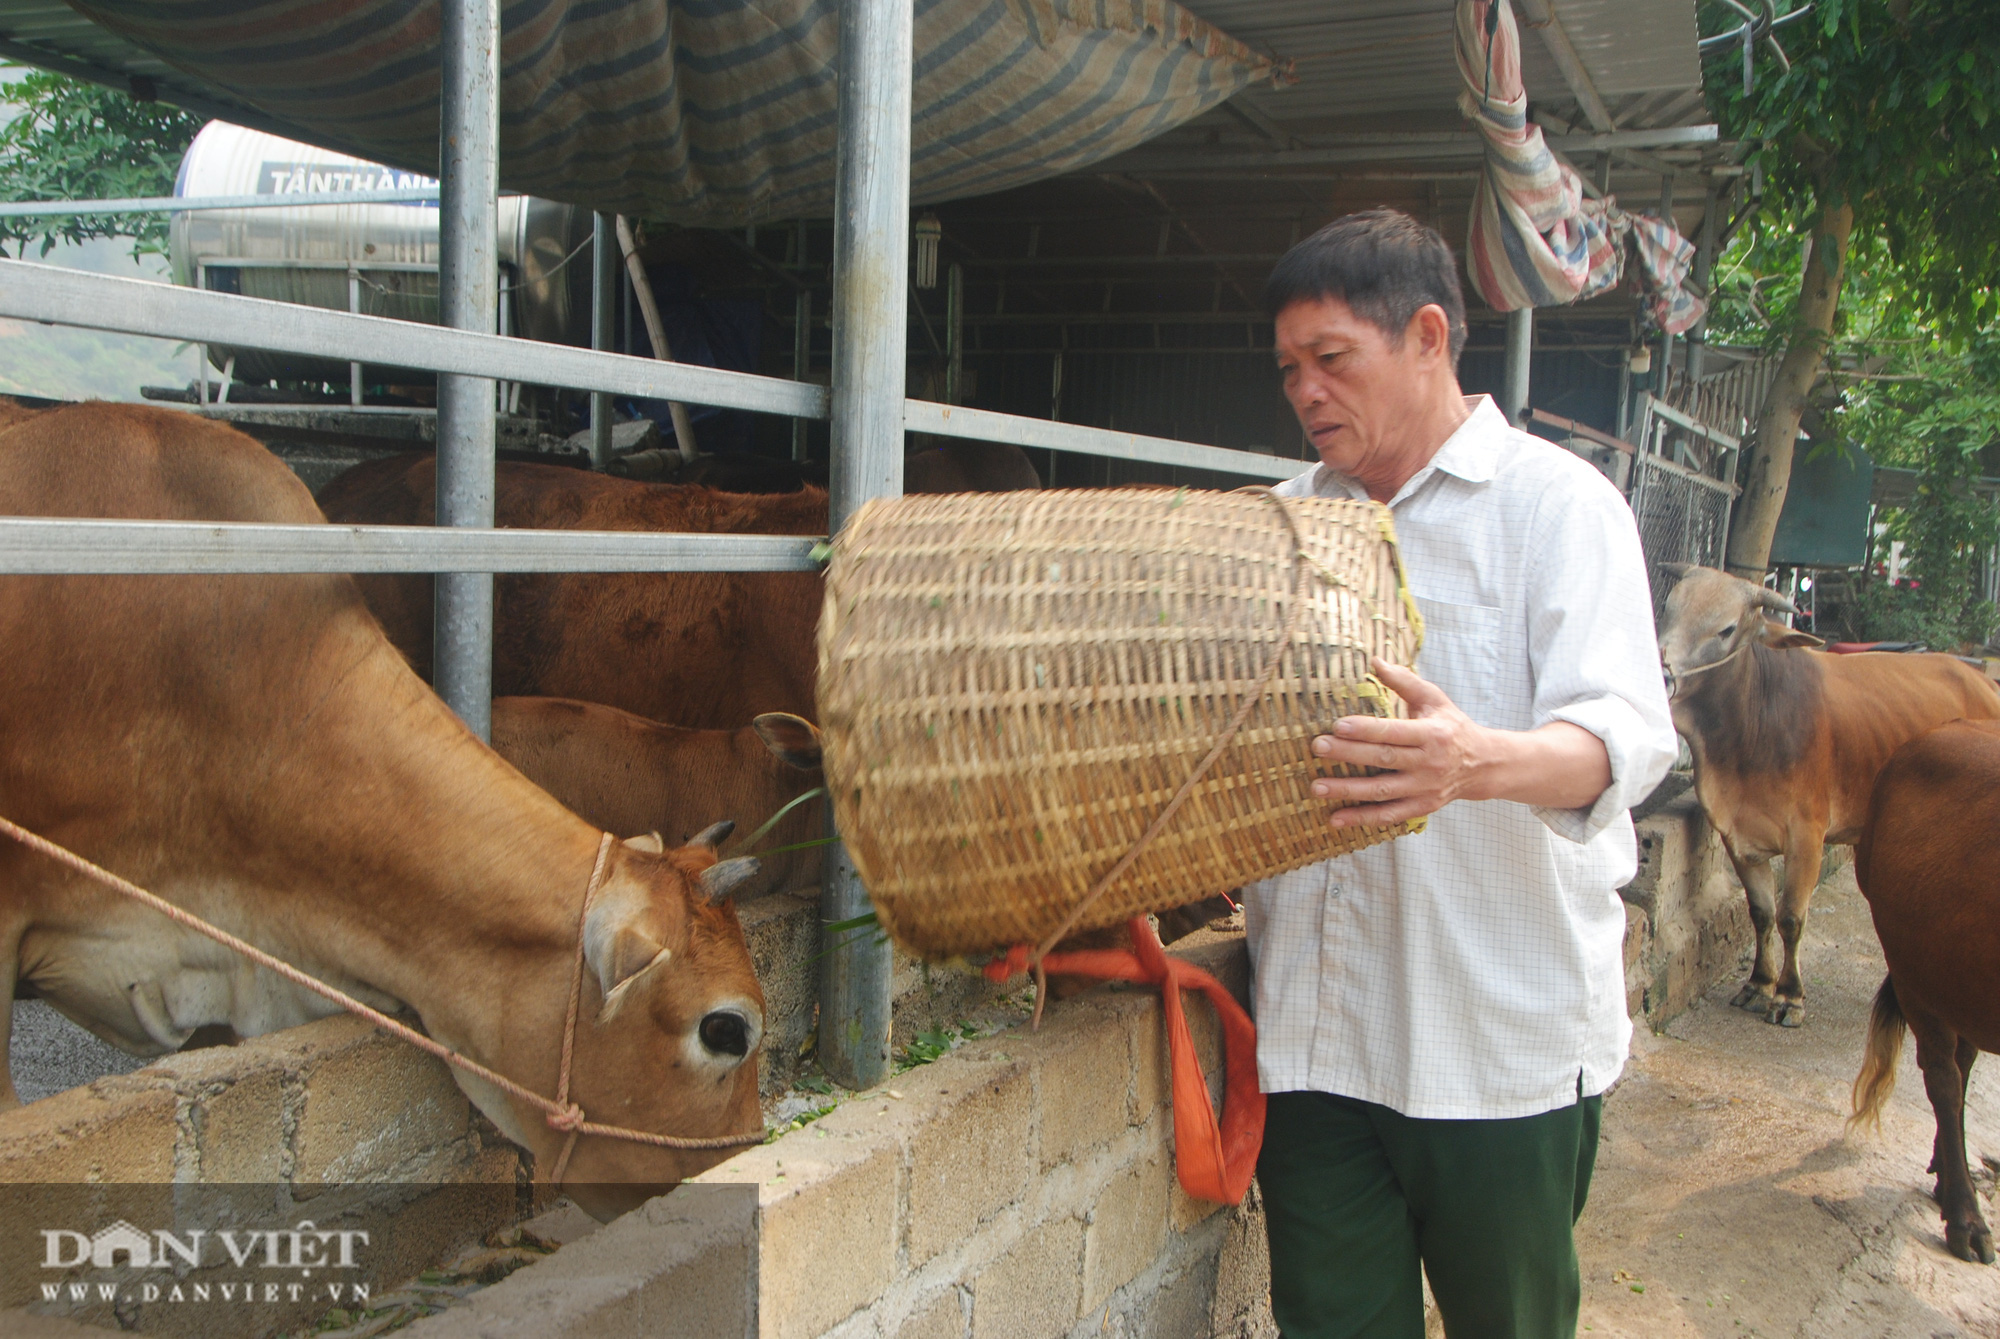 Biến bò gầy thành bò béo, cựu chiến binh kiếm hơn nửa tỷ - Ảnh 4.